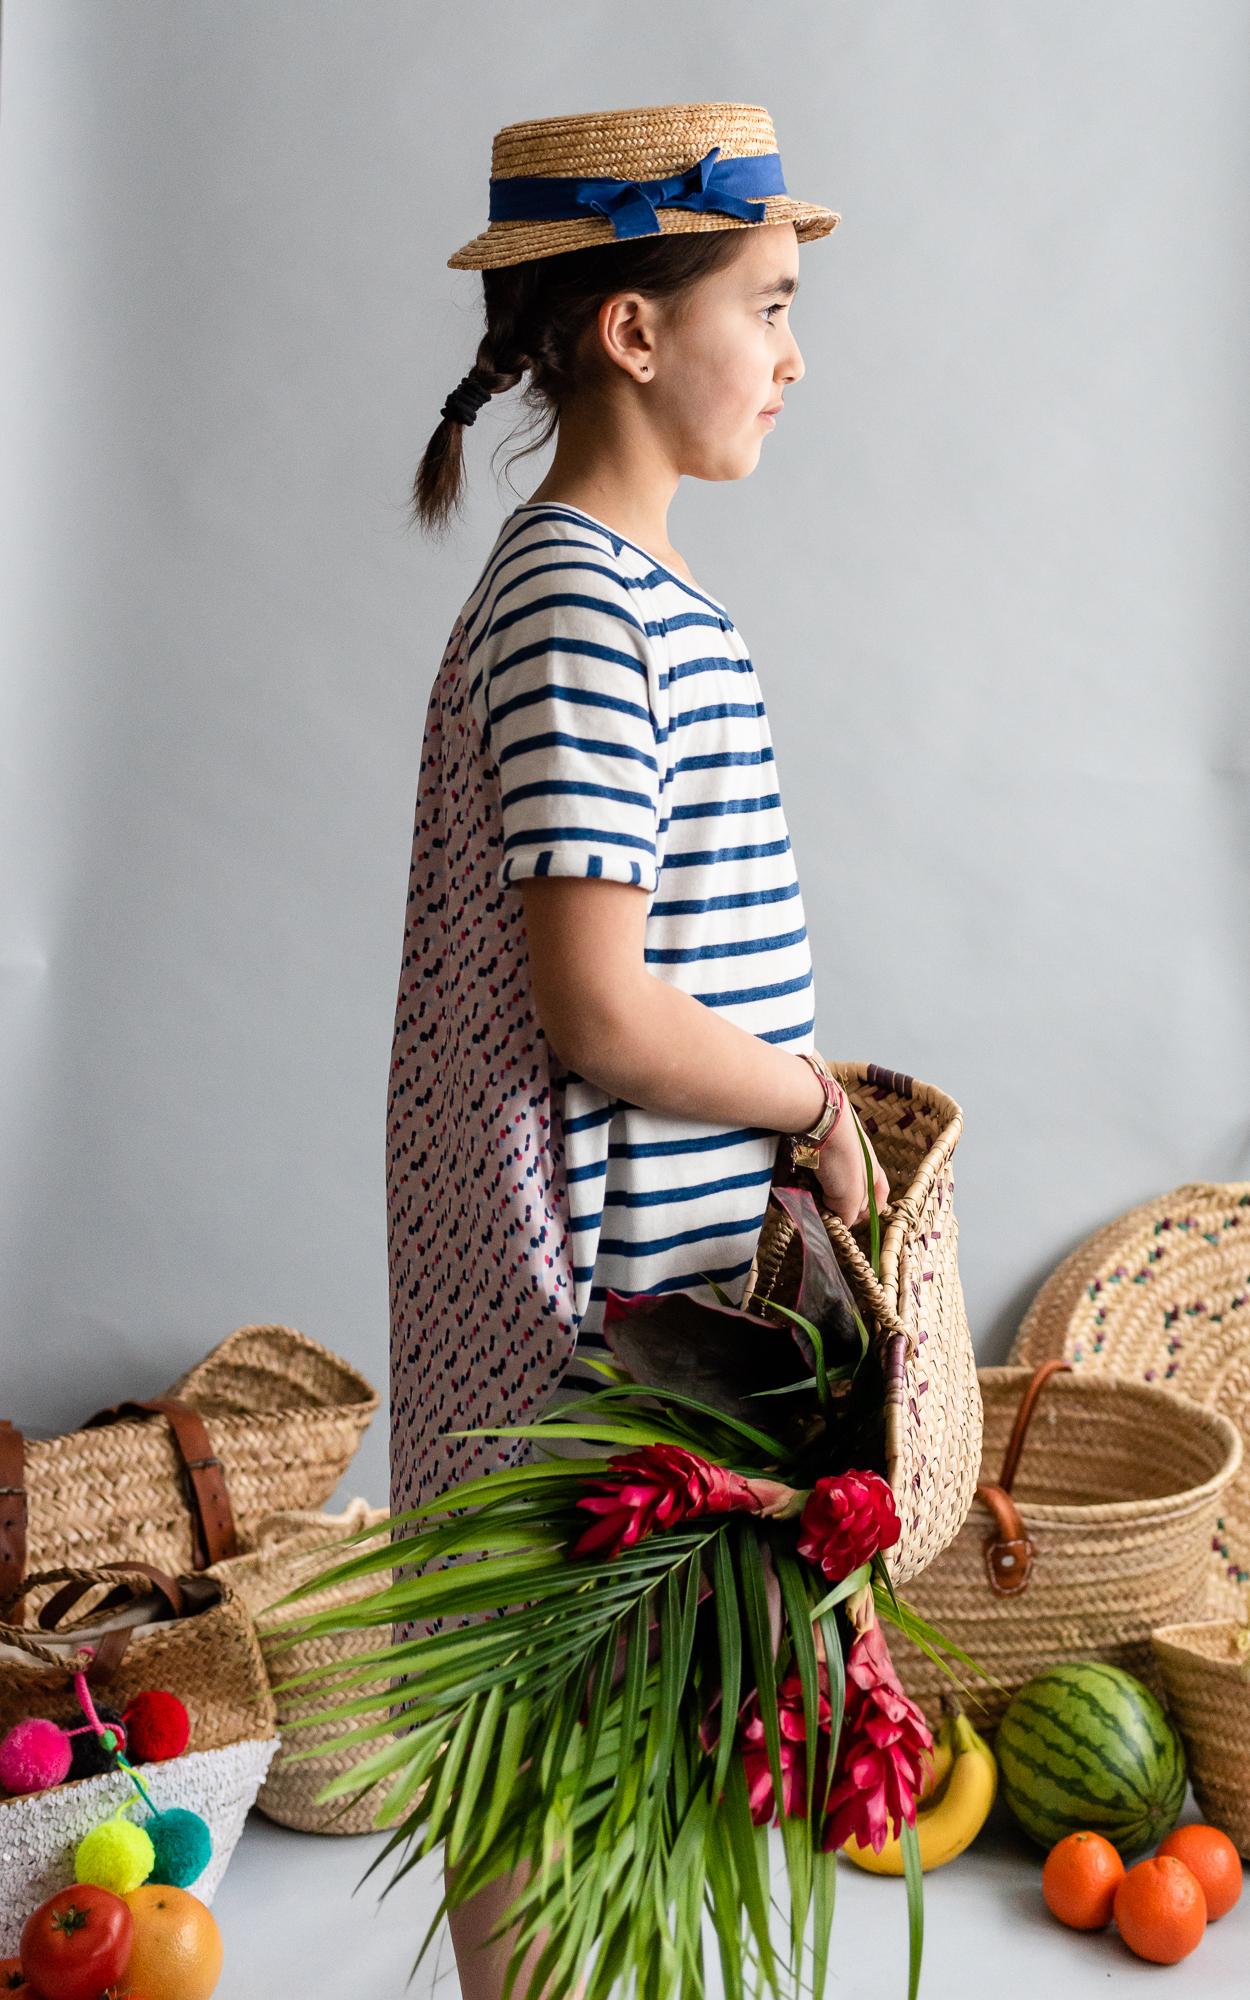 prp-kids=clothing-sewing-patterns16.jpg